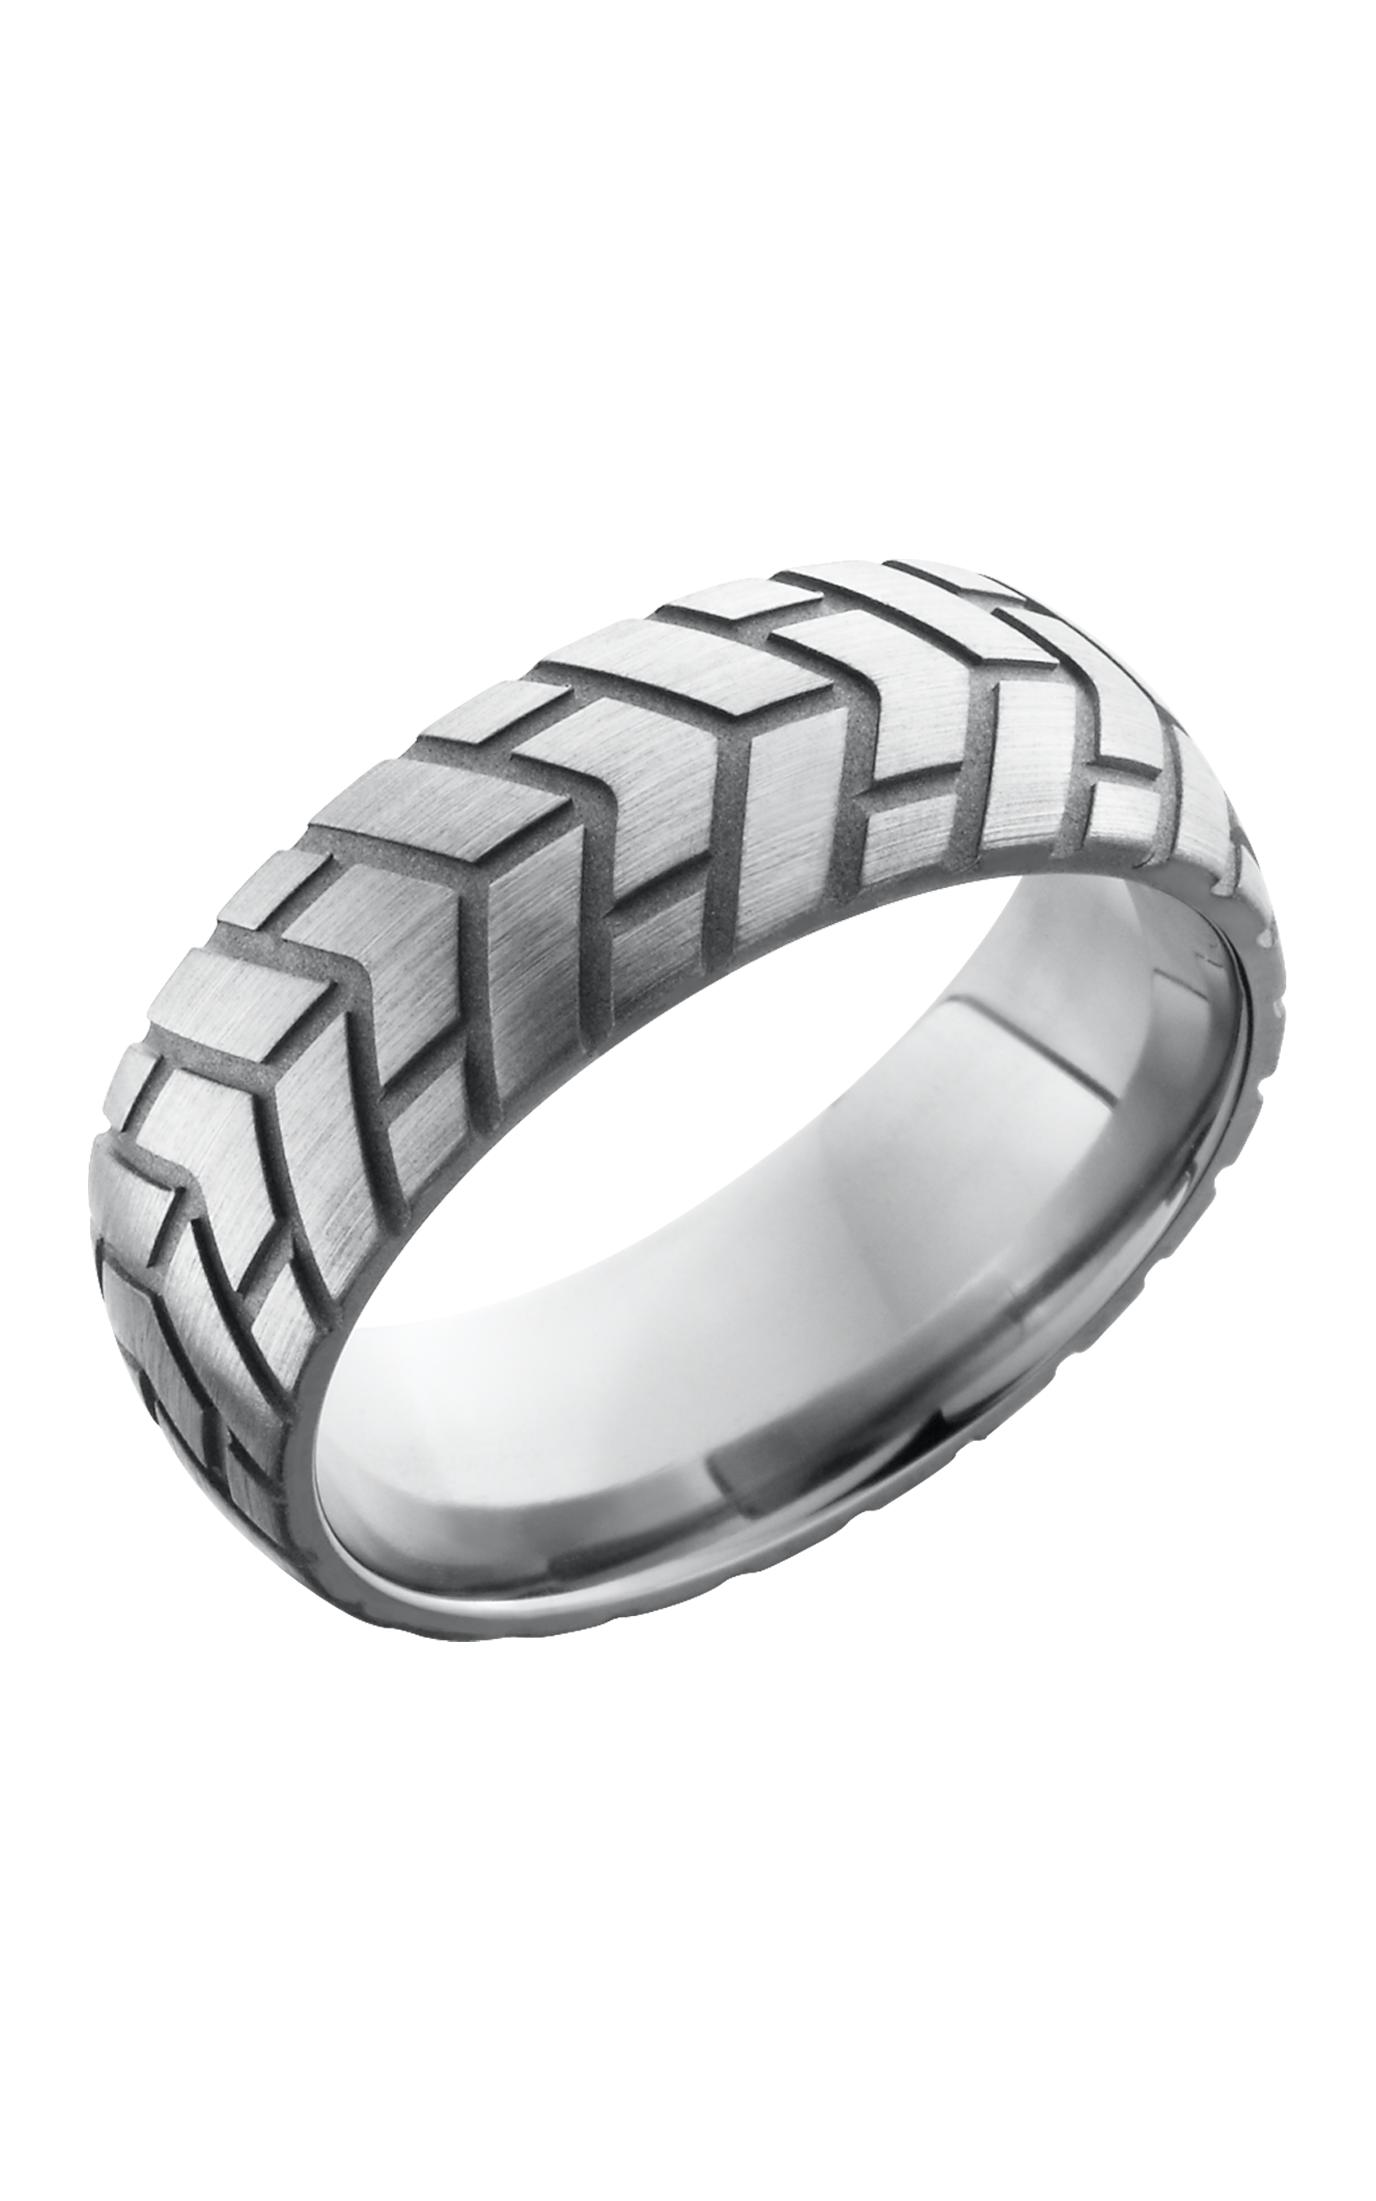 Lashbrook Titanium 8DCYCLE3 product image